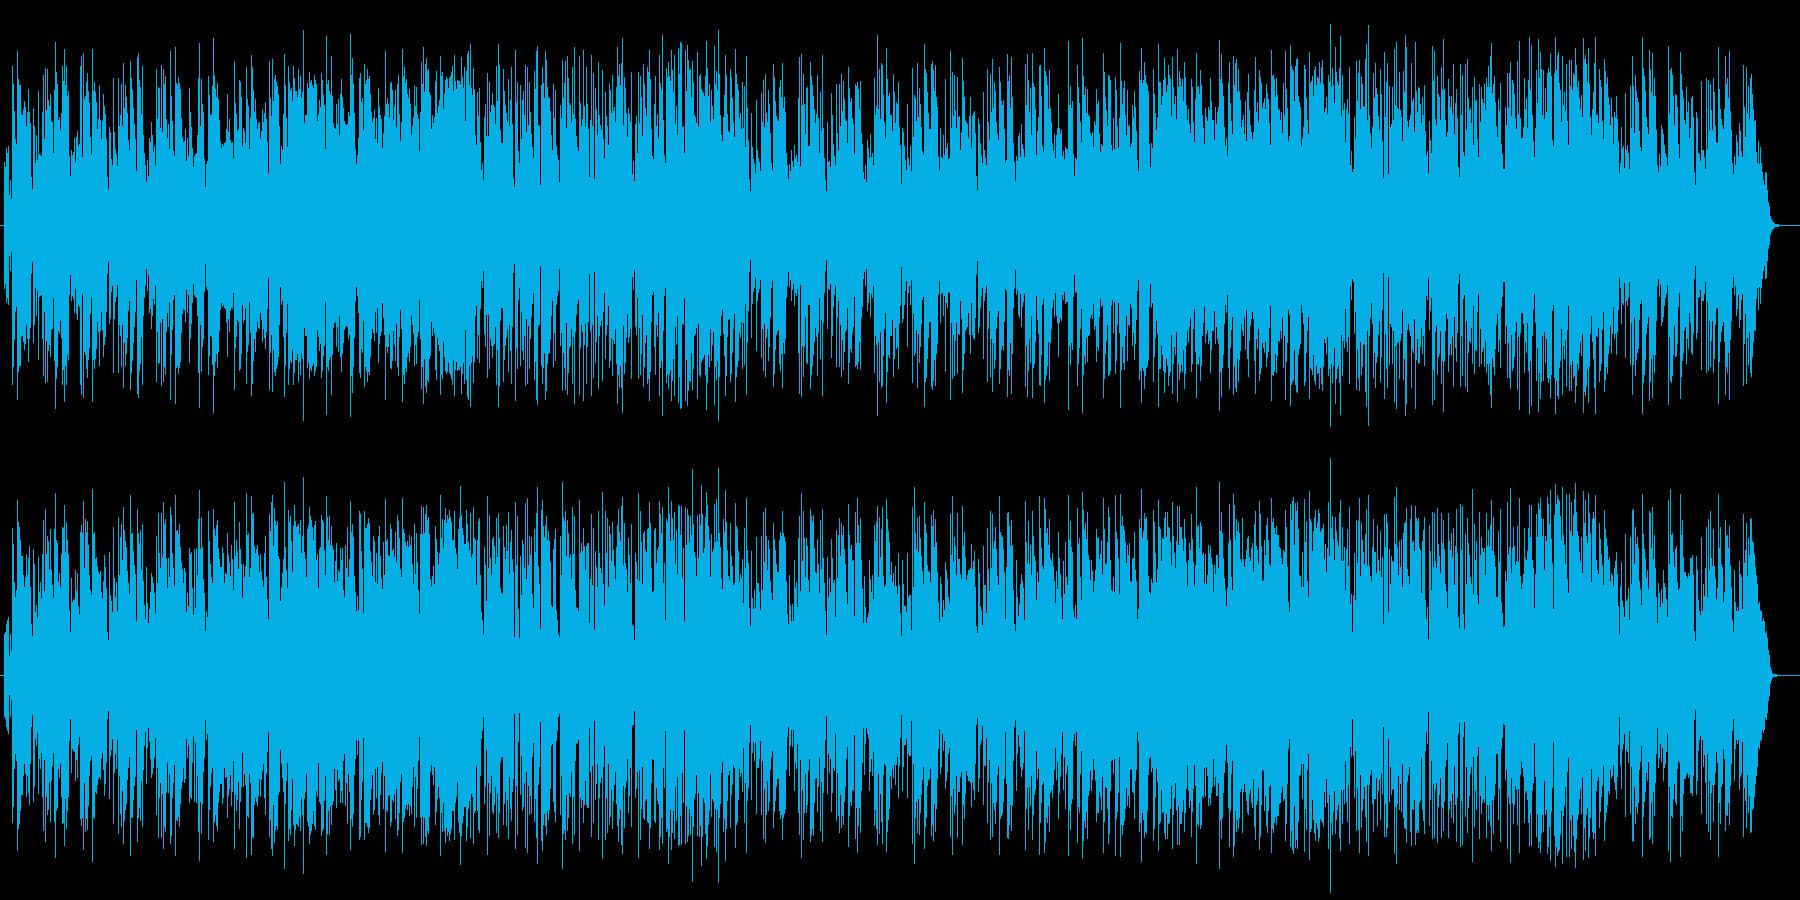 ゆったりとした明るいミュージックの再生済みの波形